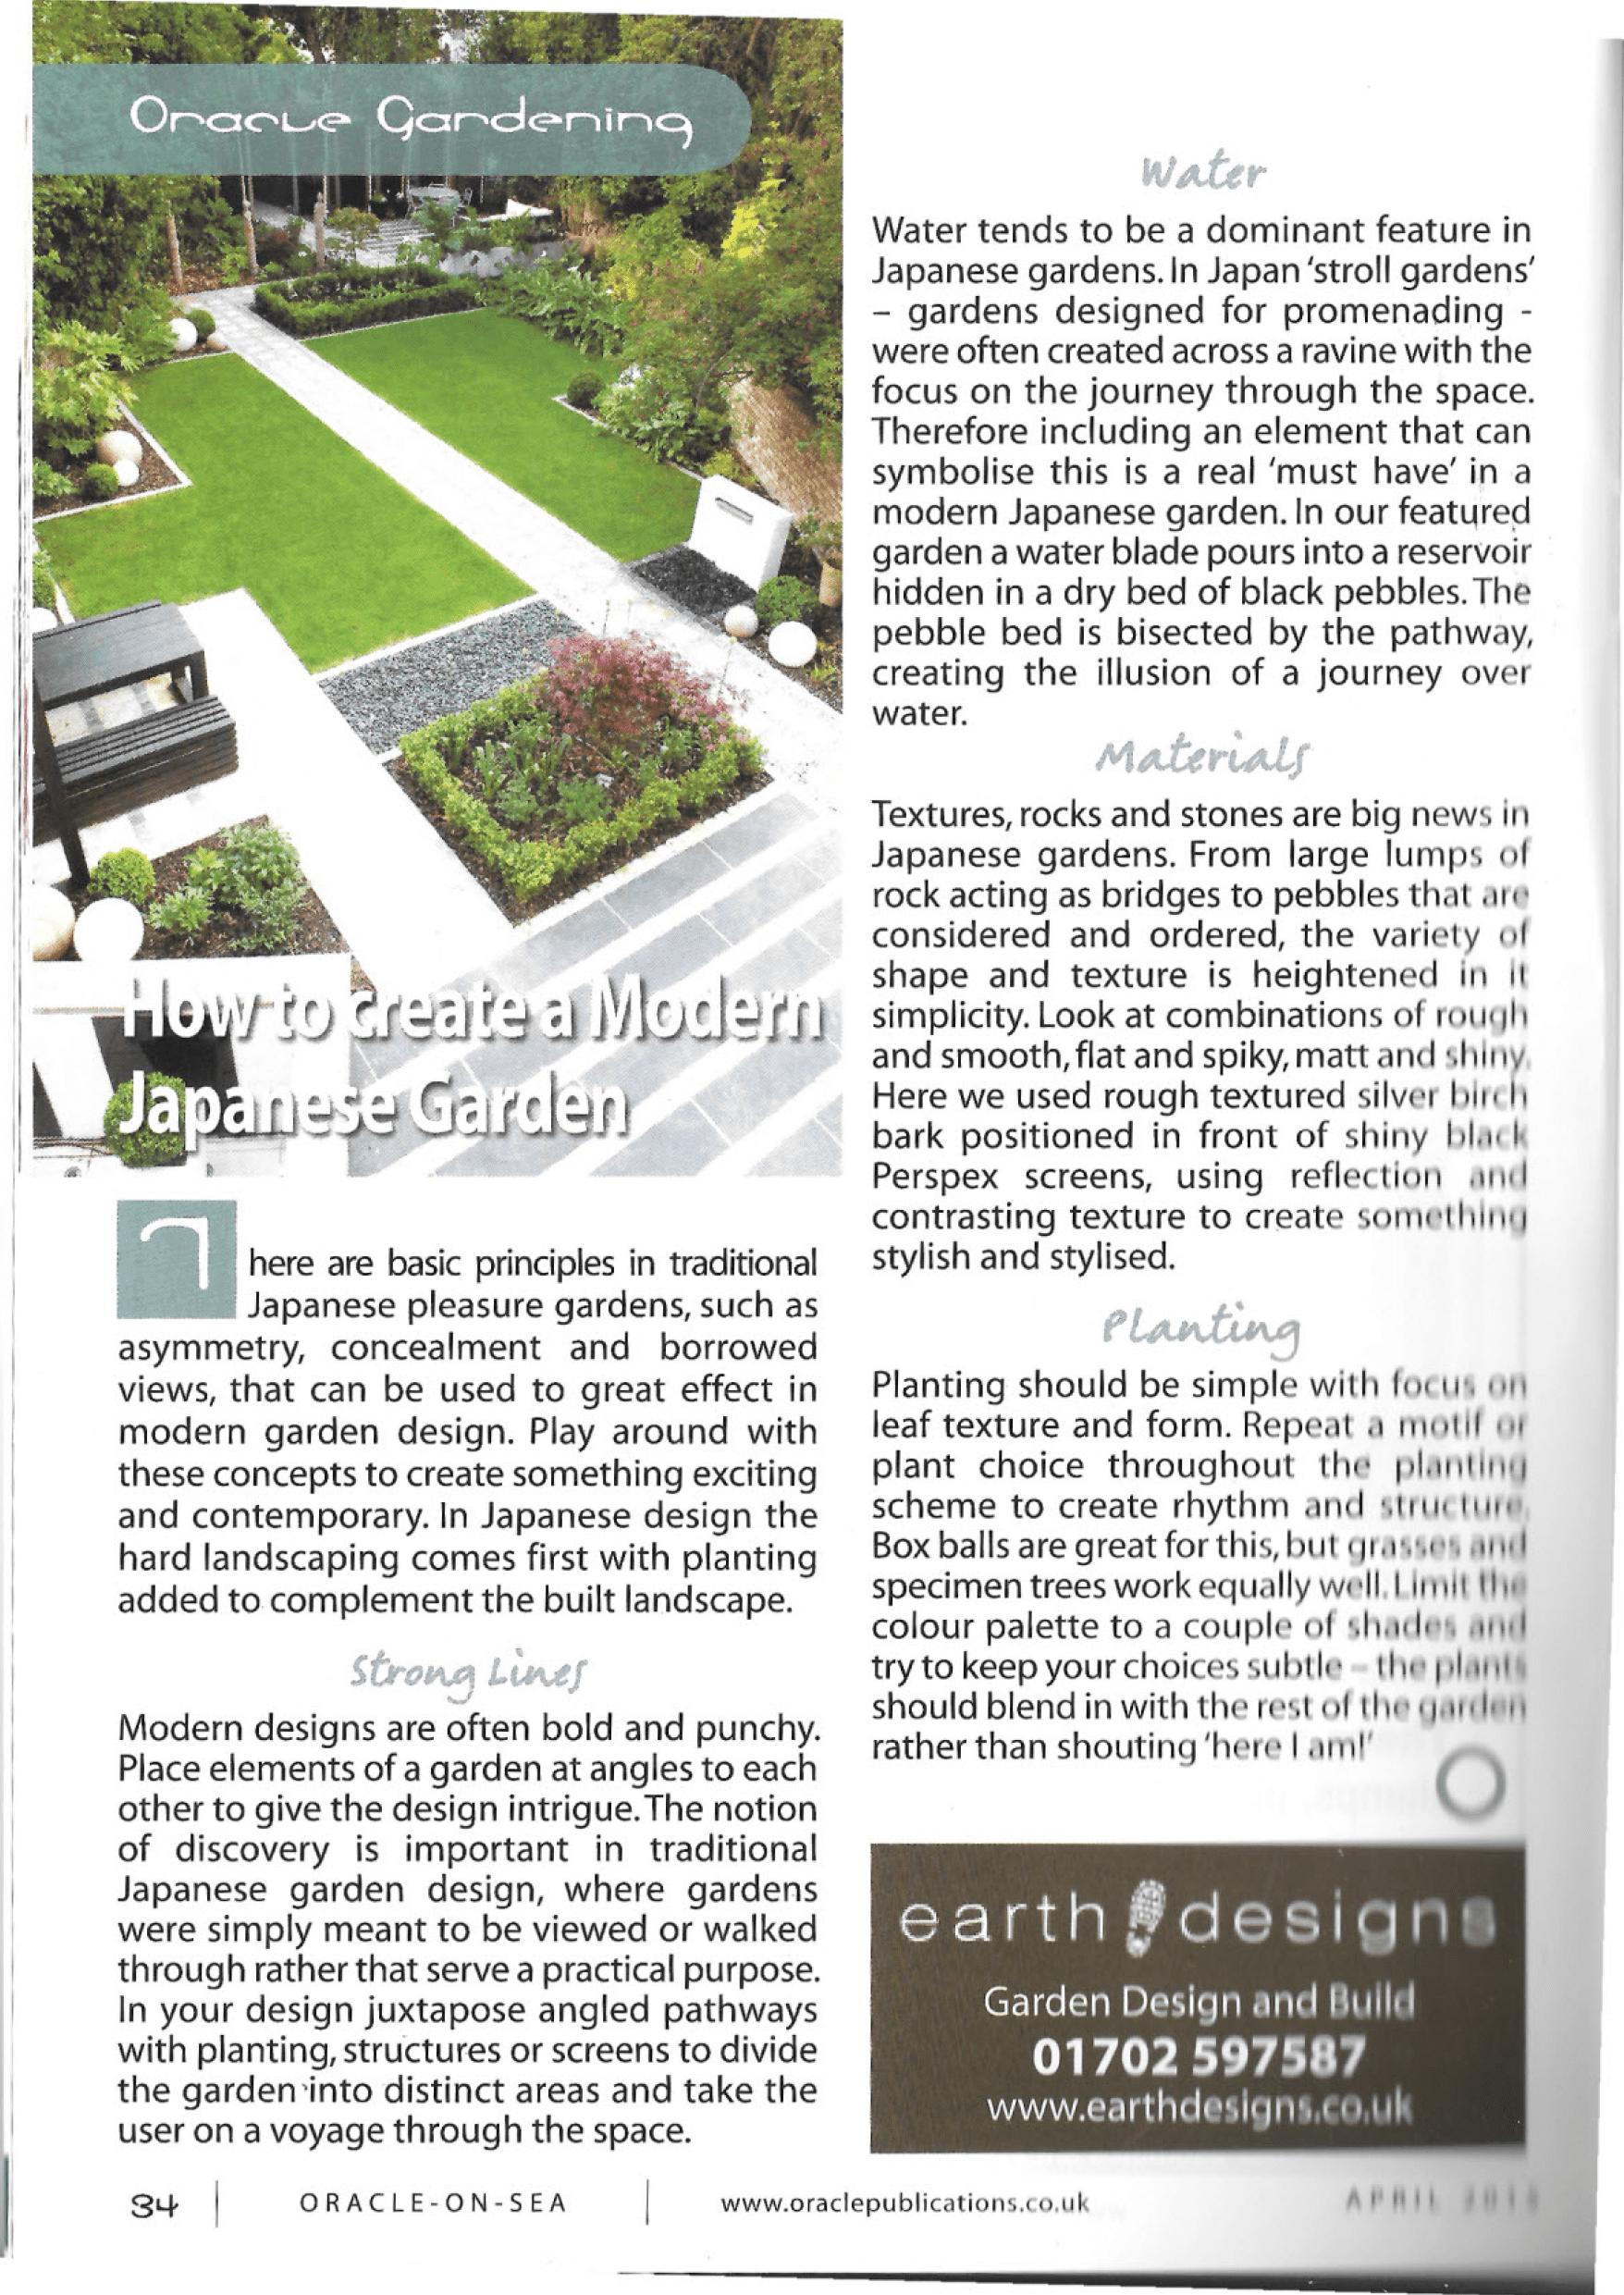 earth designs